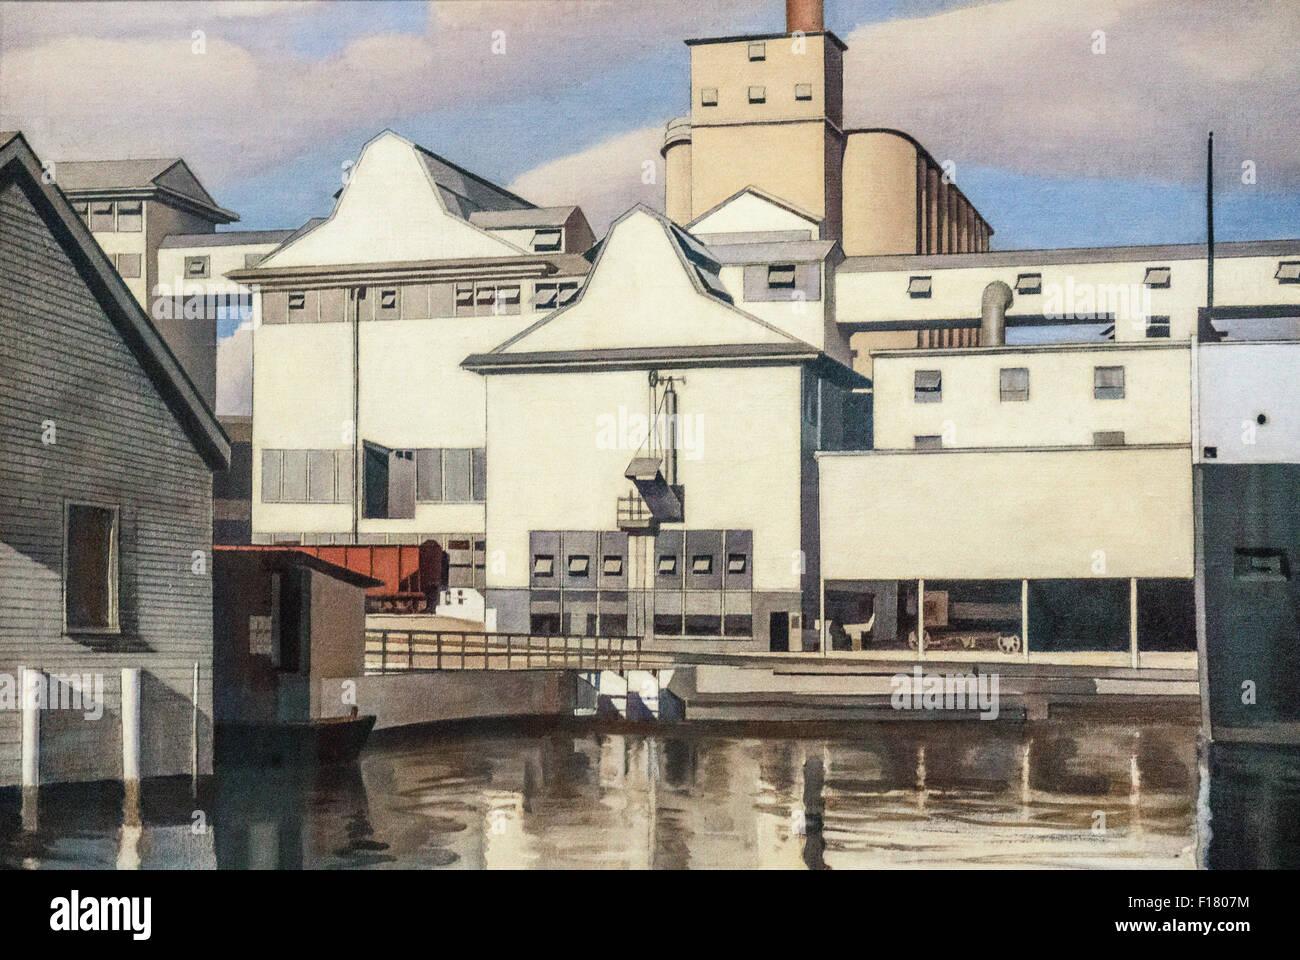 Ansicht des amerikanischen Malers Charles Sheeler 1932 eine Hommage an die industrielle Stärke & Schönheit Stockbild